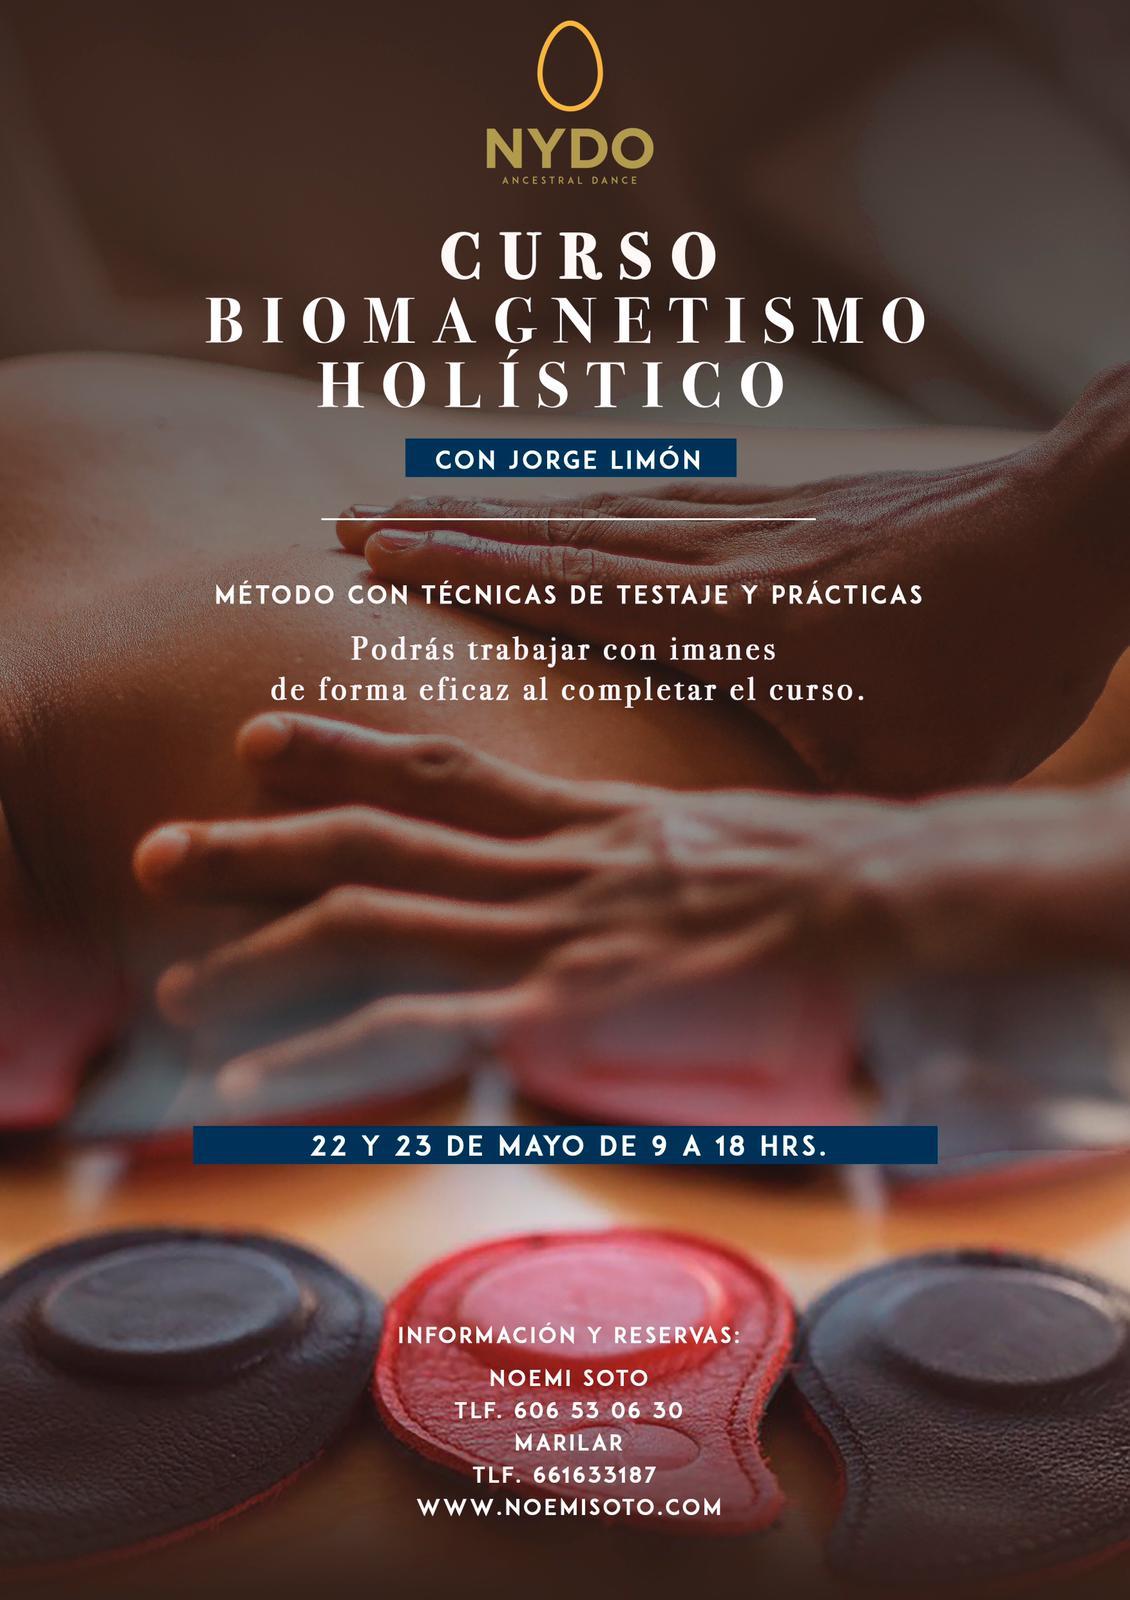 Curso de Biomagnetismo Holístico con Jorge Limón en Nydo